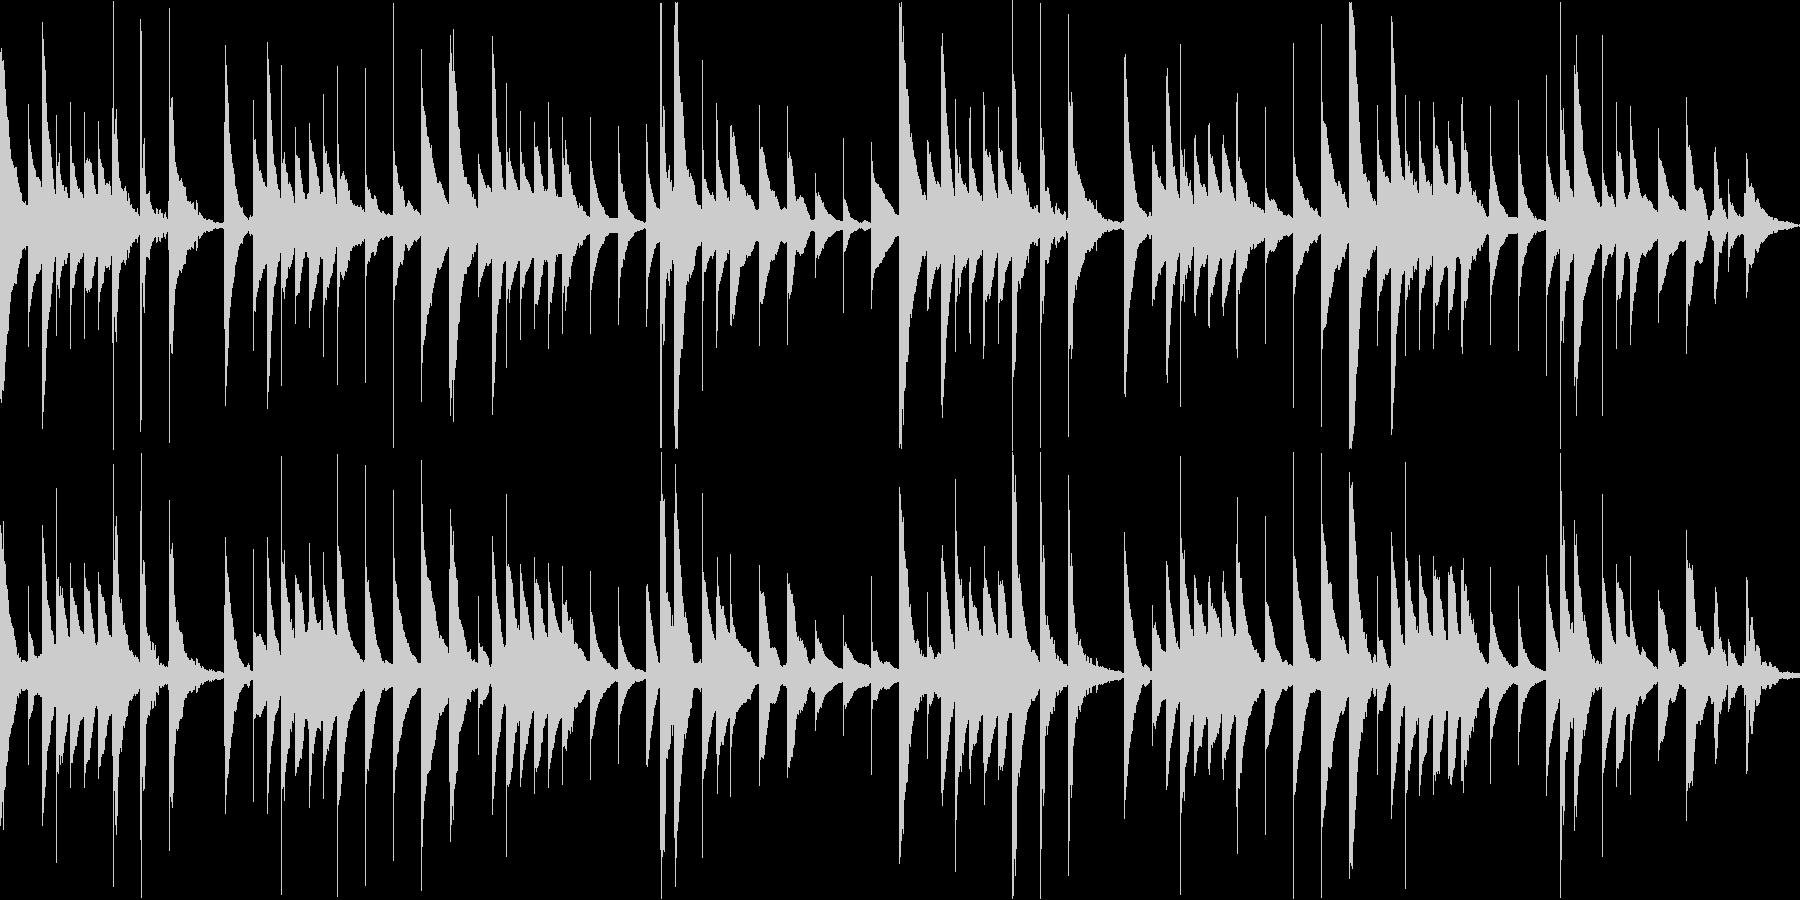 愛の挨拶のオルゴールアレンジ/ループokの未再生の波形